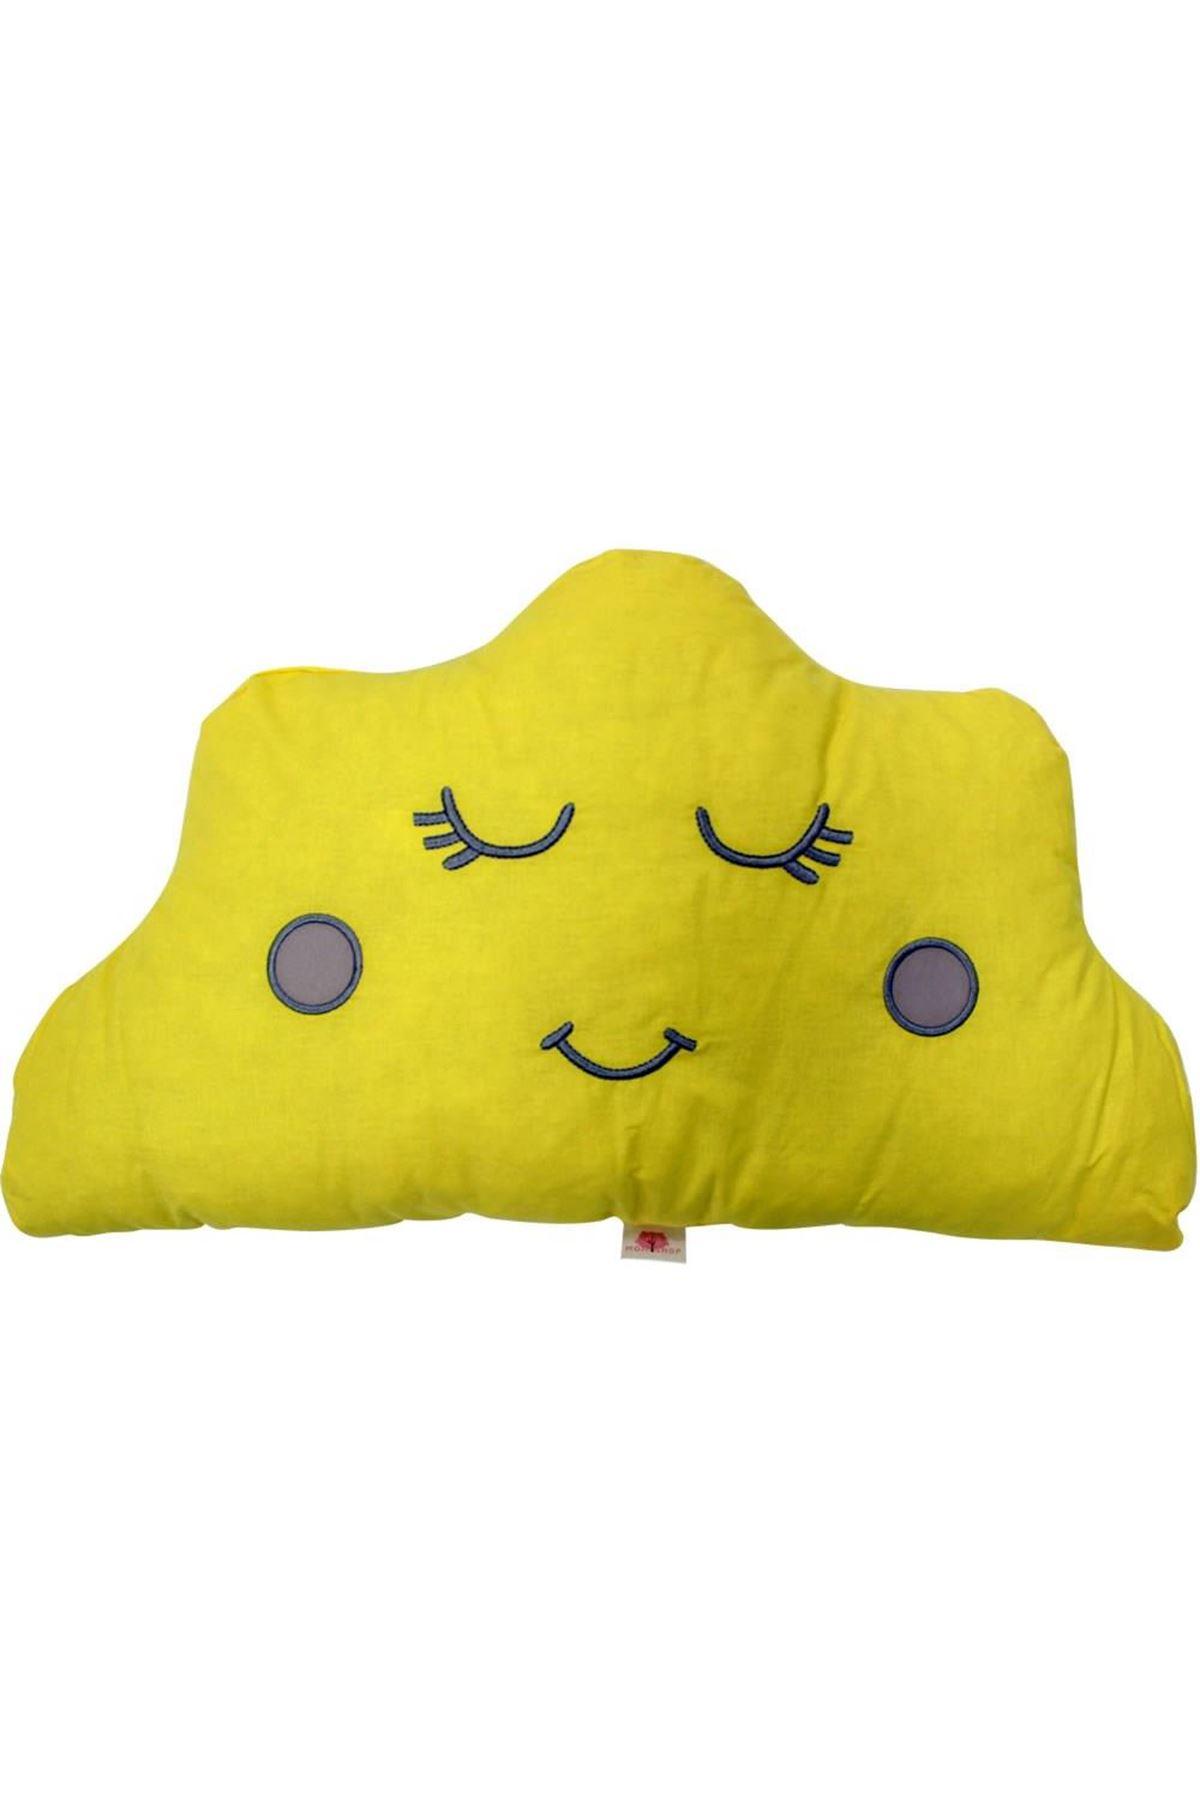 Momi Shop Bulut Süs Yastık Sarı